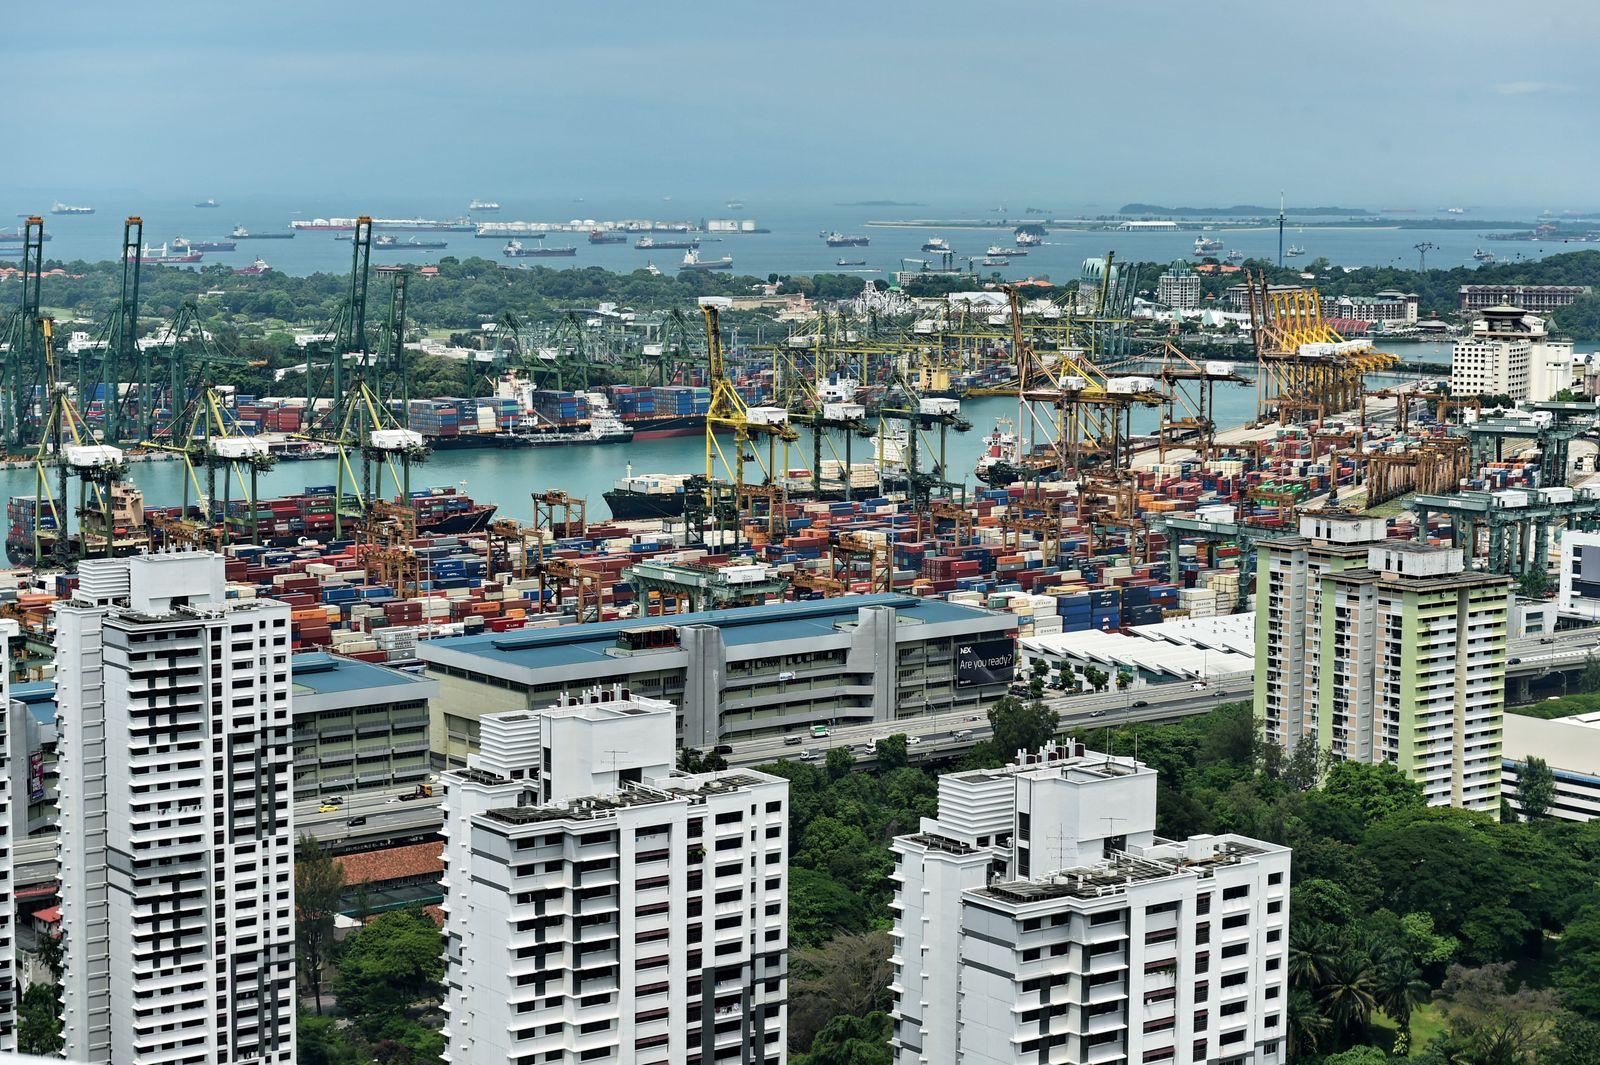 Singapur / Konjunktur / Export / Import / Handel / Wirtschaft / EU / Container